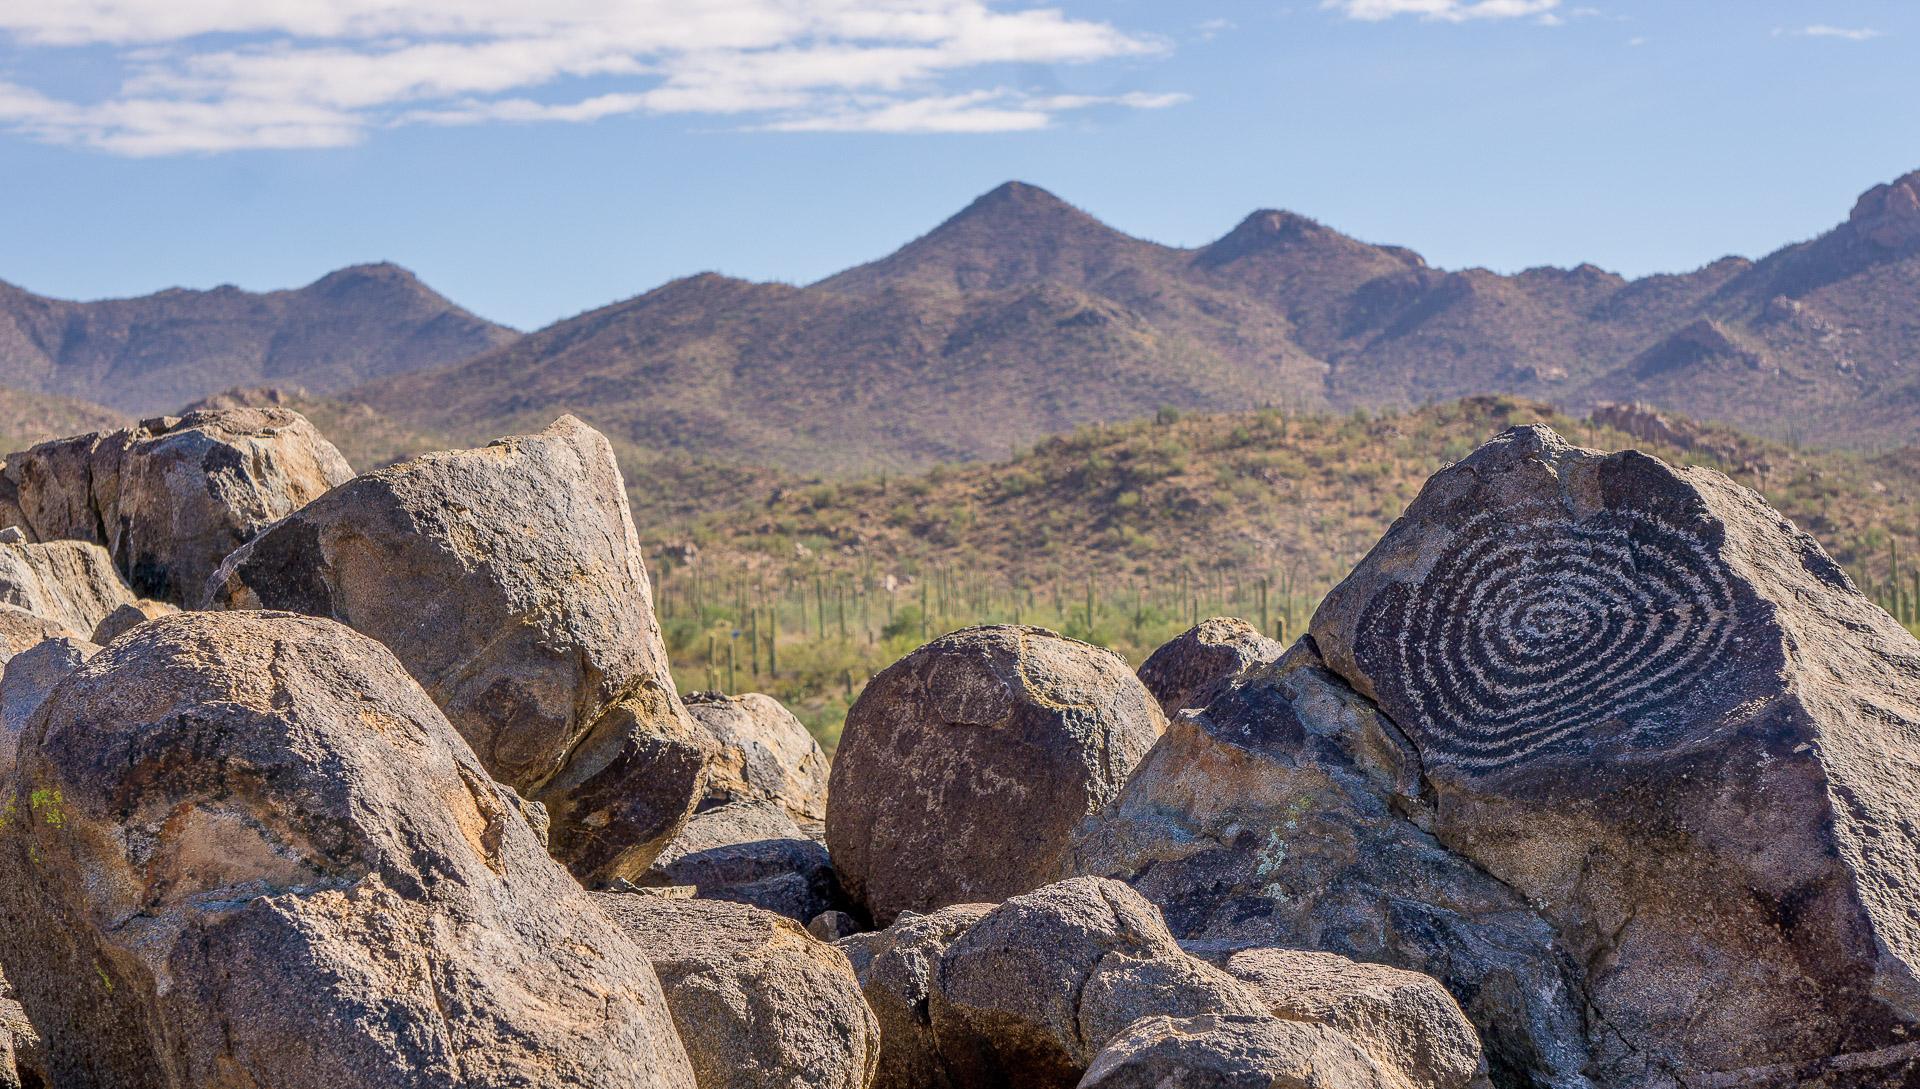 Dimanche 5 mars: Des pétroglyphes de plus de 800 ans au Saguaro NP, AZ